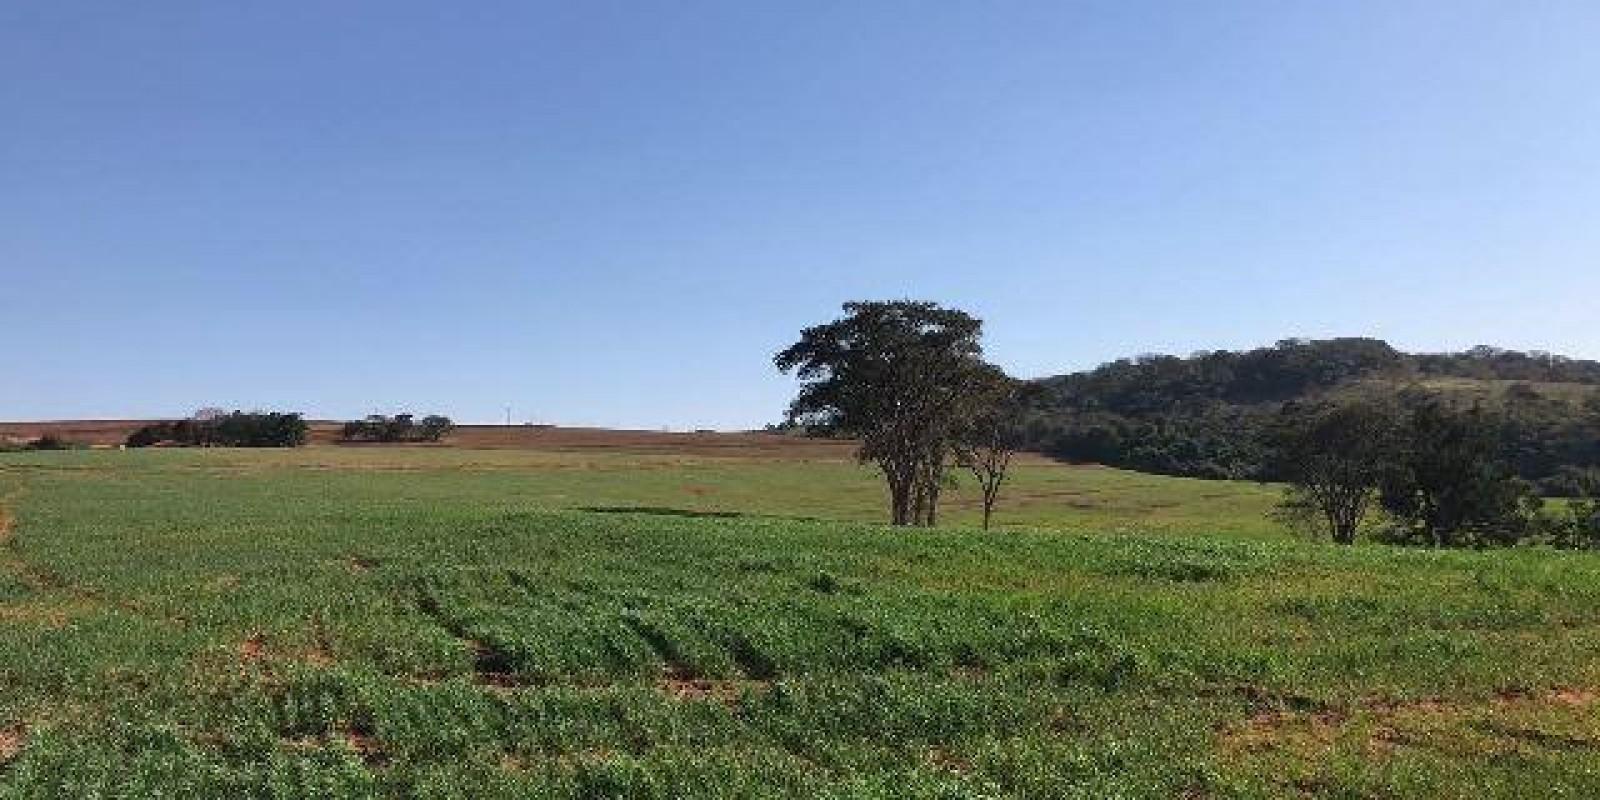 Fazenda de 40 Alqueires, Município de Sarutaiá Sp - Foto 5 de 20